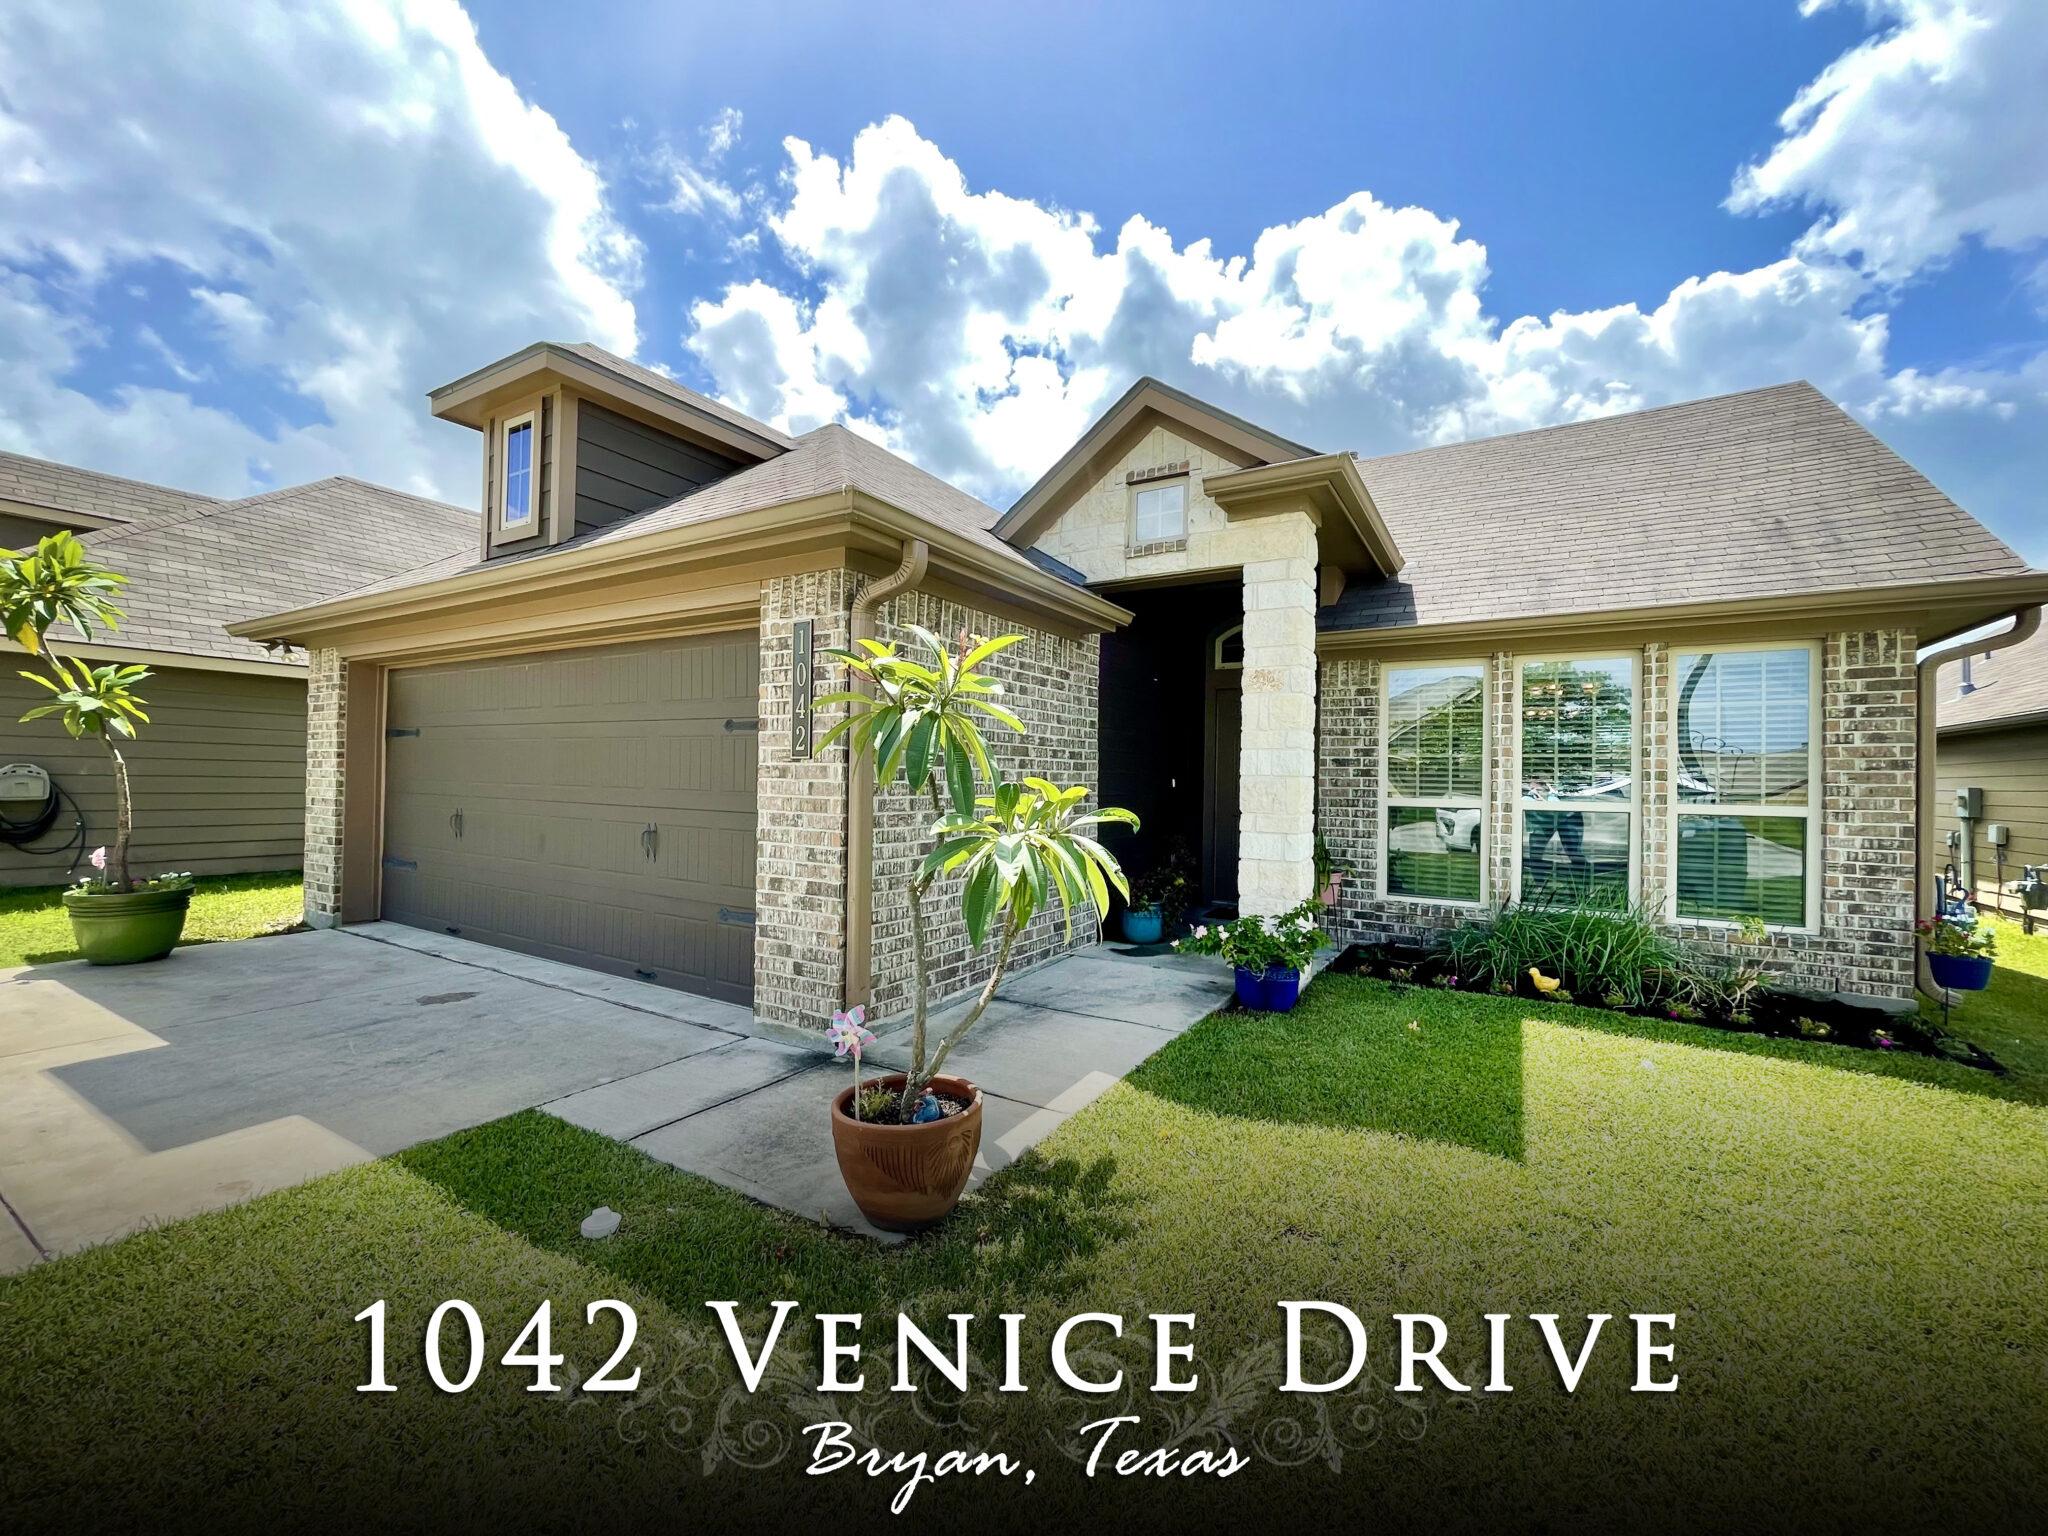 1042 Venice Drive